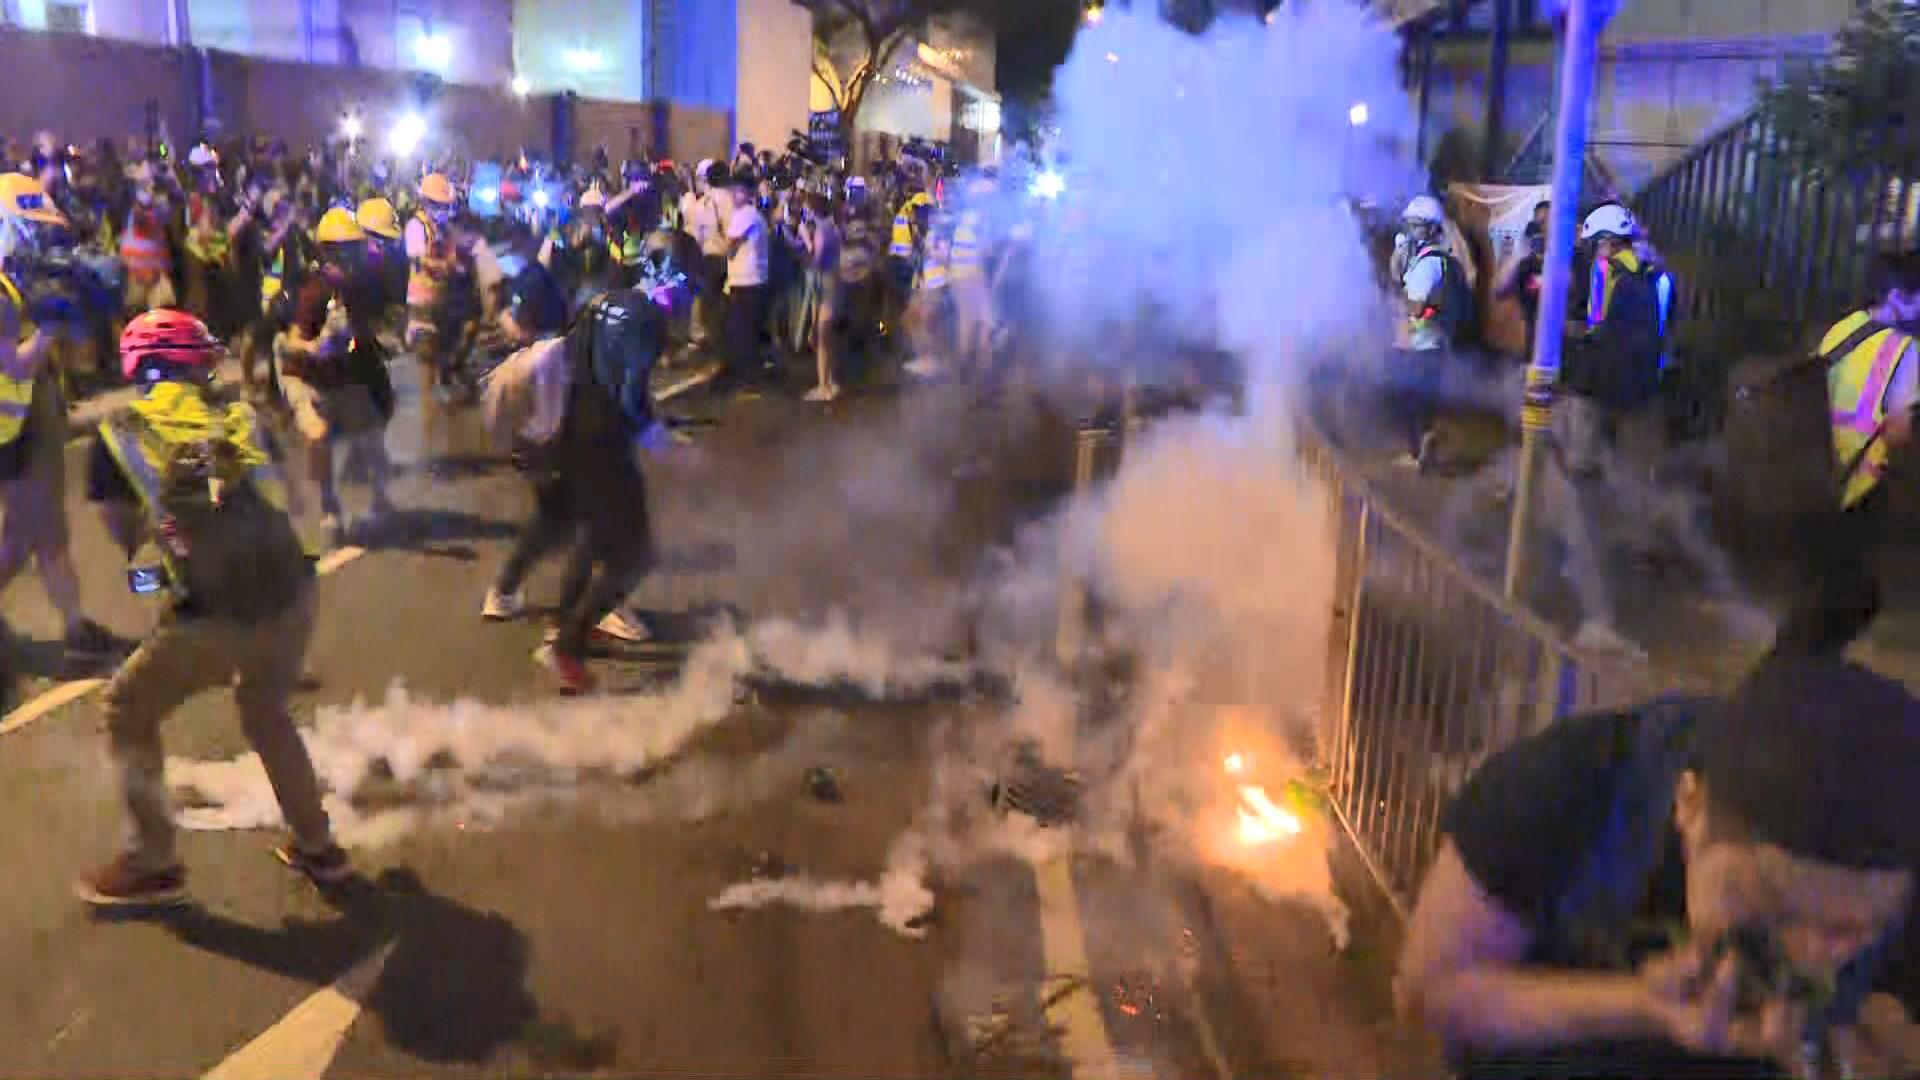 黃大仙警署及紀律部隊宿舍爆警民衝突 警施放催淚彈驅散